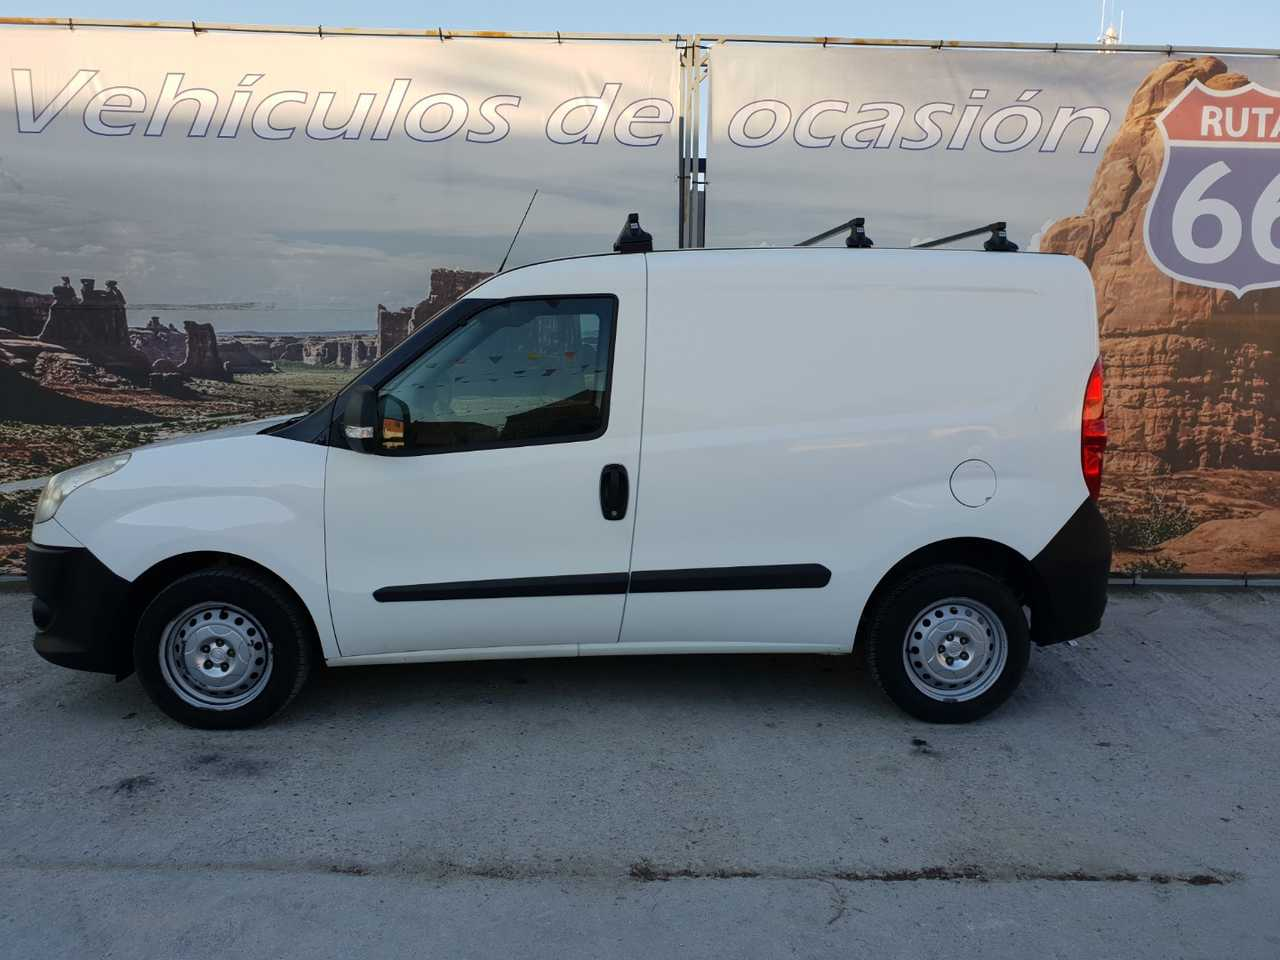 Fiat Doblo Cargo 1.3 diesel 1.3 diesel  - Foto 1